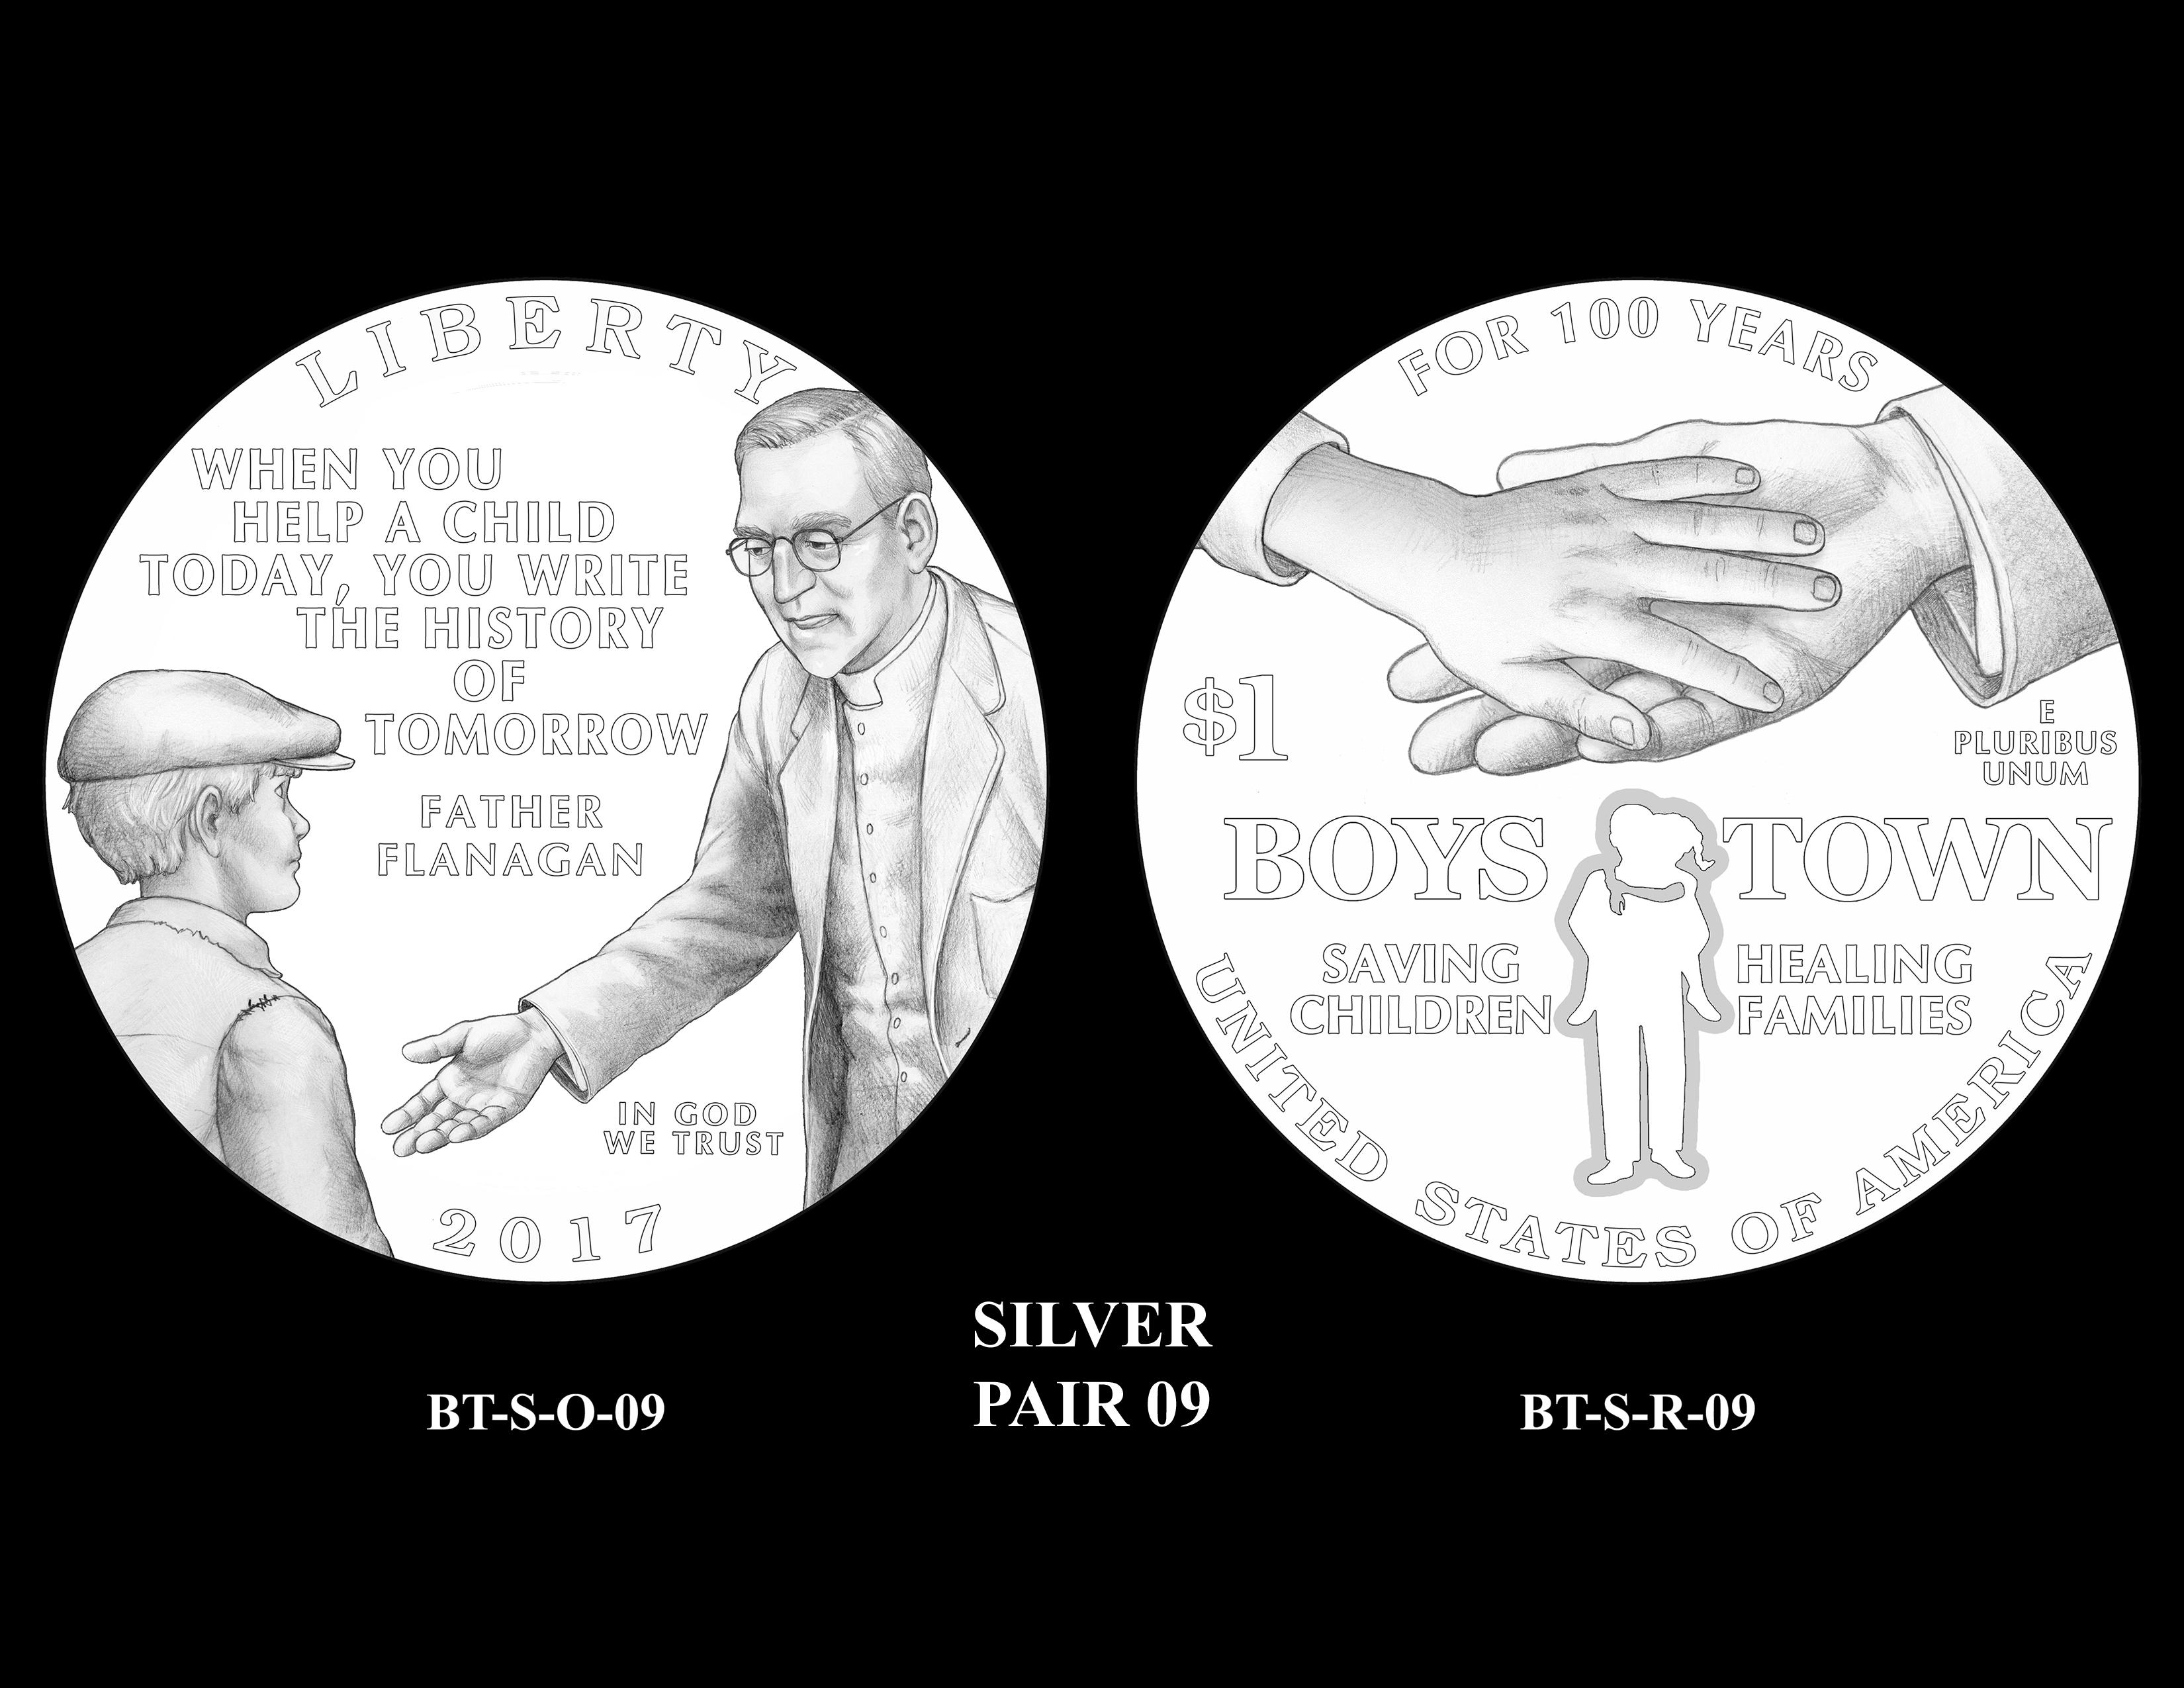 silver-pair-09_25677351286_o